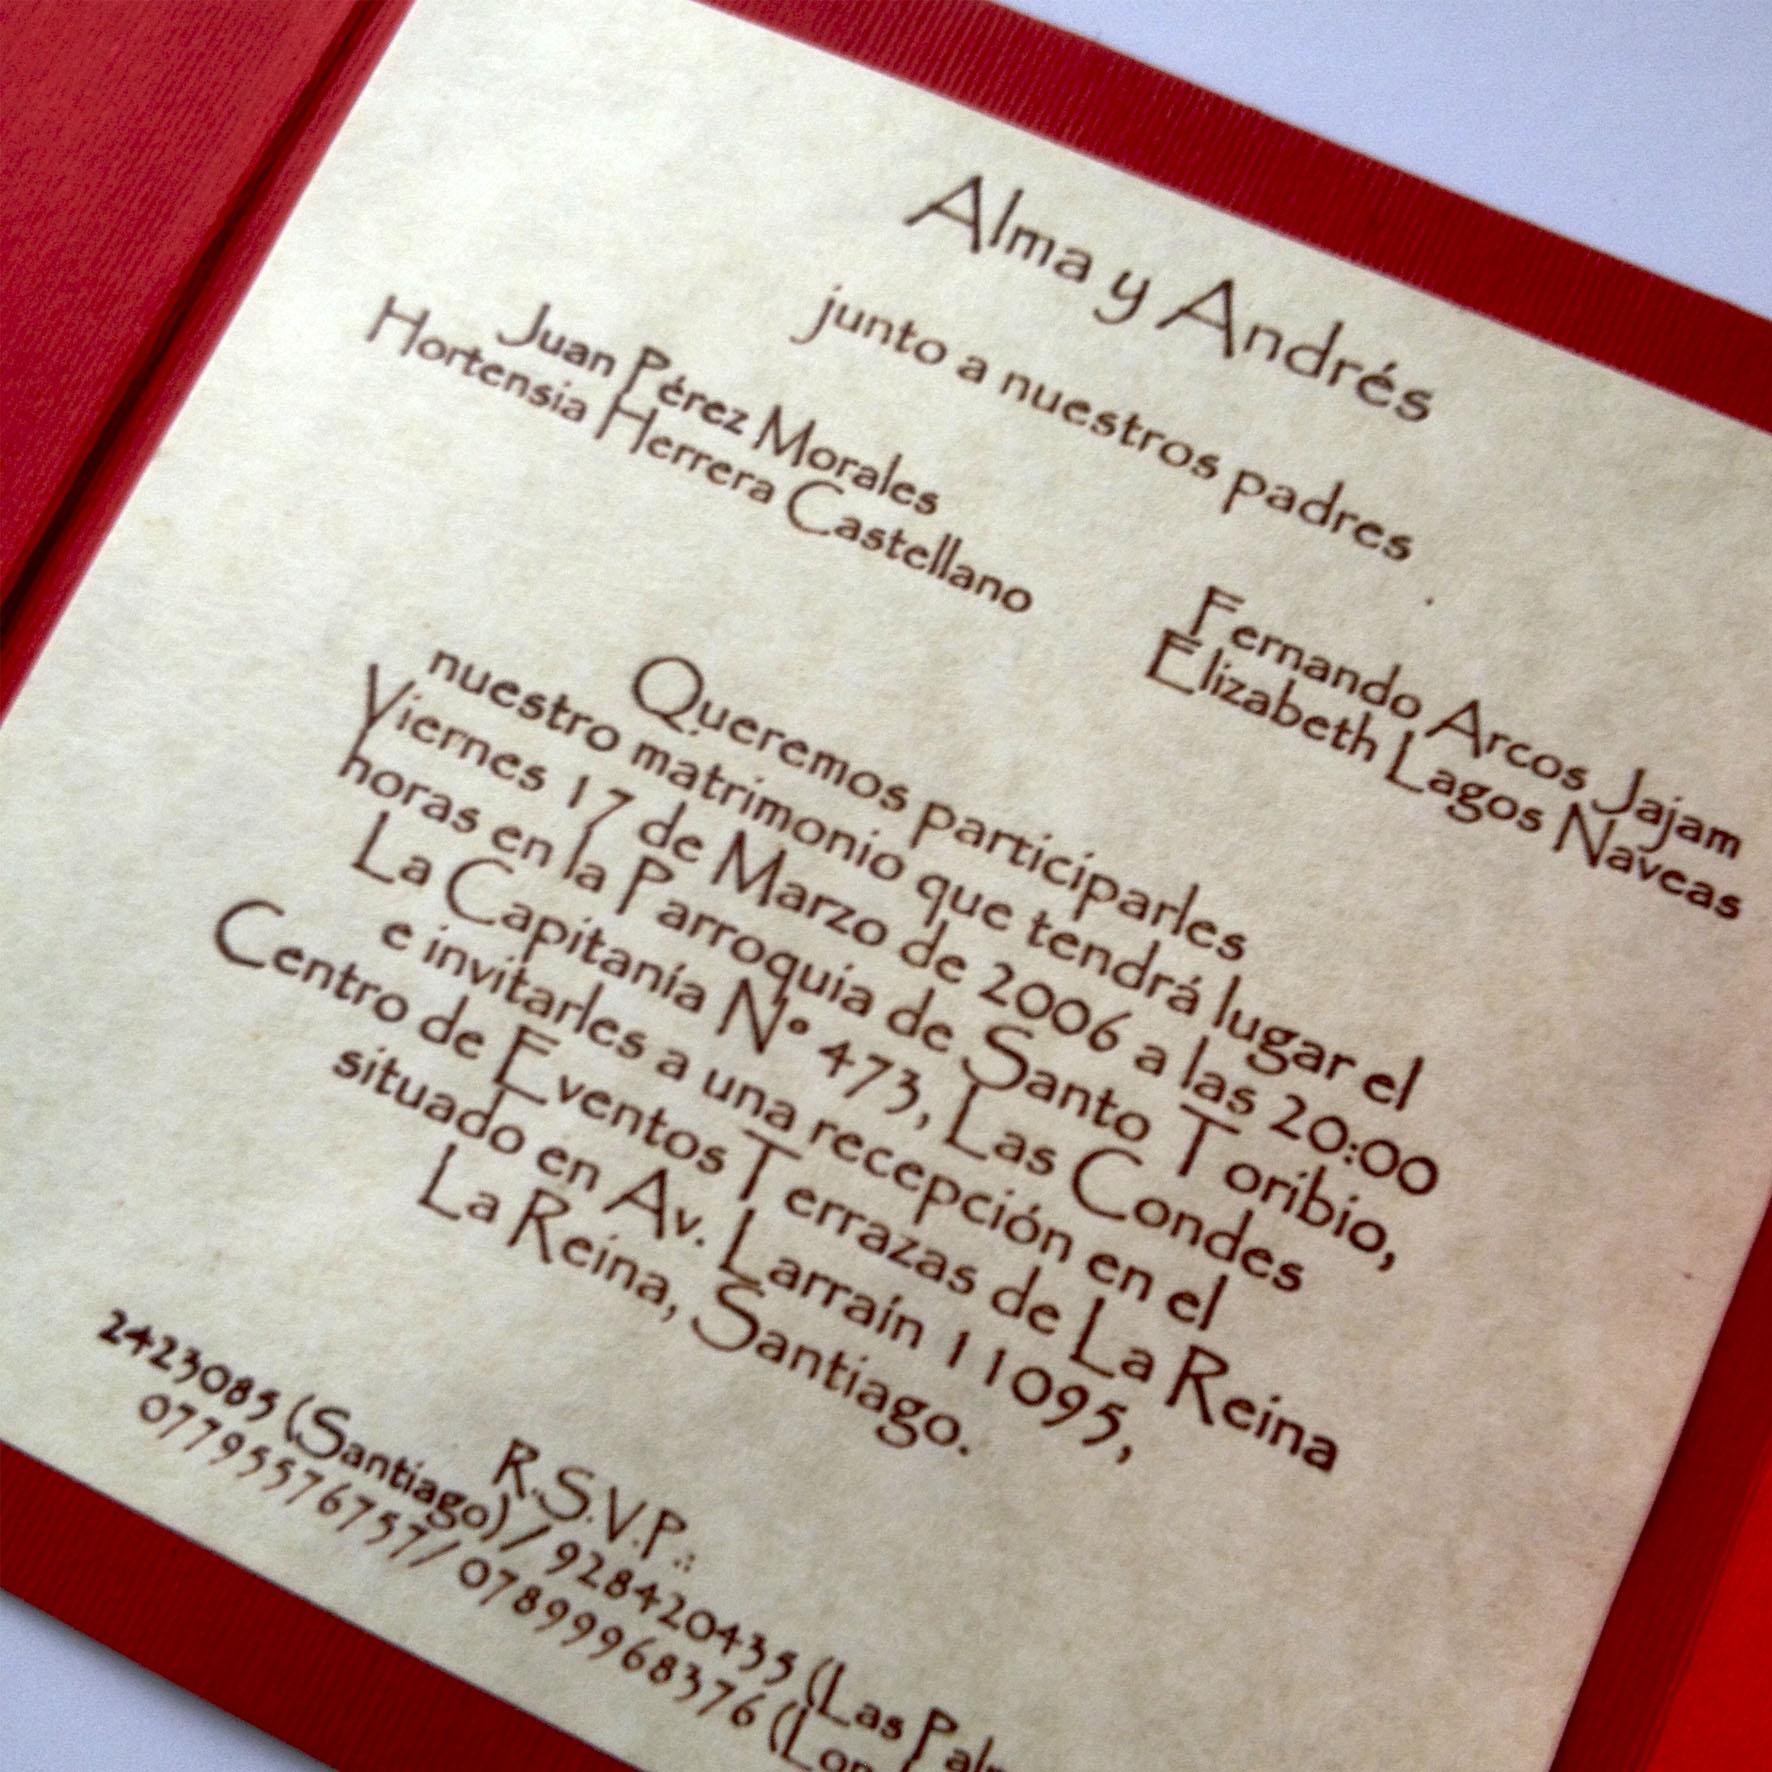 Invitaciones De Boda Capuyo